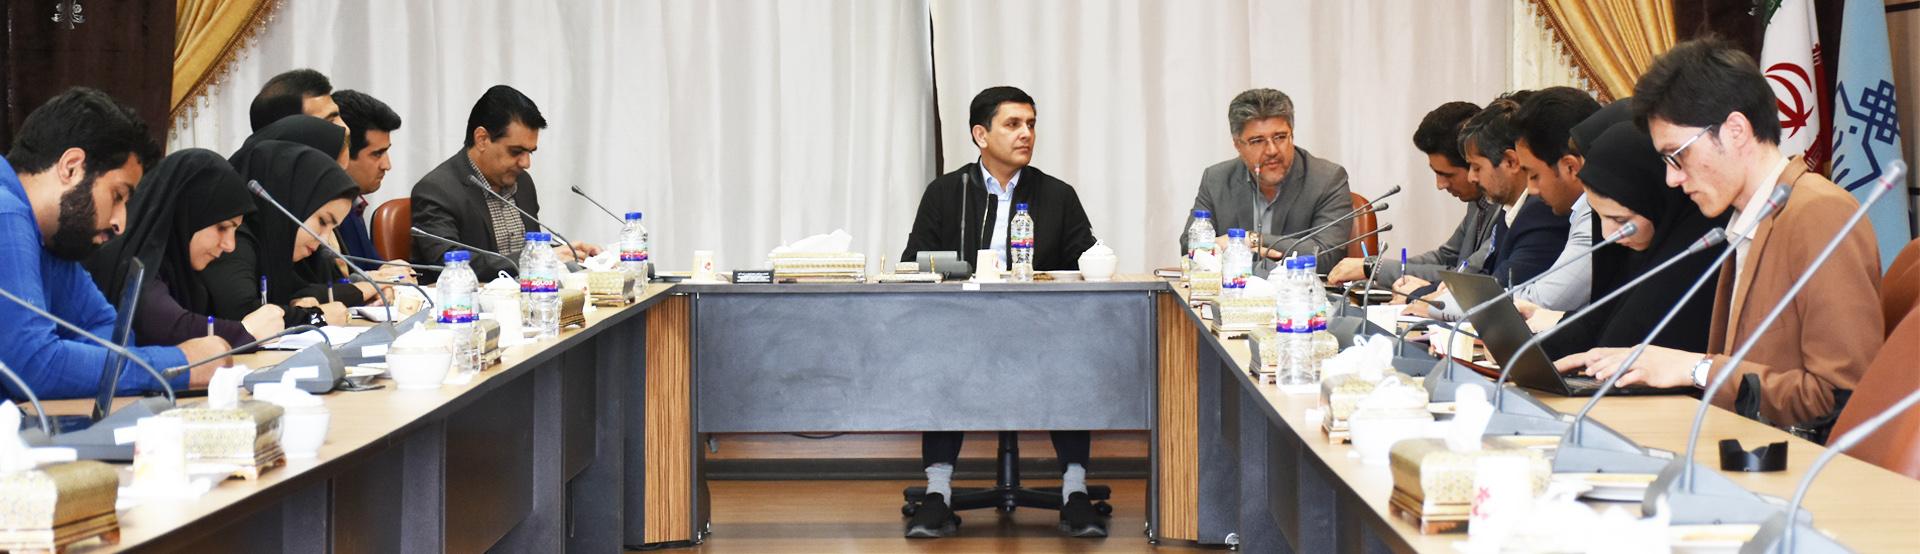 نشست خبری رئیس پارک علم و فناوری خراسان جنوبی و رئیس محترم دانشگاه بیرجند با محوریت پنجمین استارتاپ ویکند بیرجند